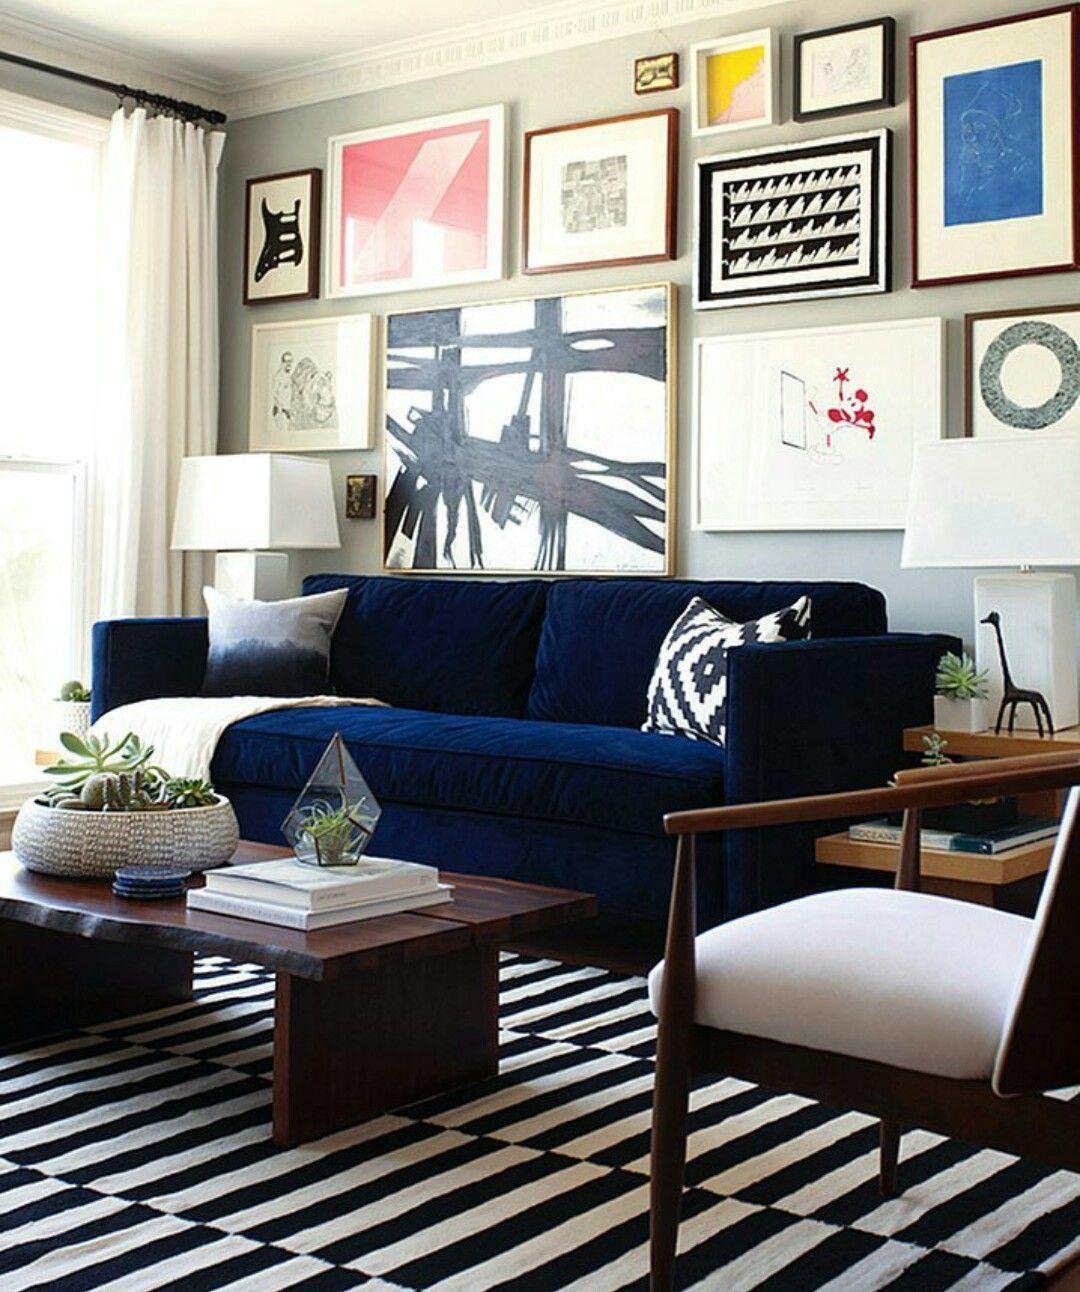 Pin von Juliana Shwartzbaum auf For the Home | Pinterest | Raum ...